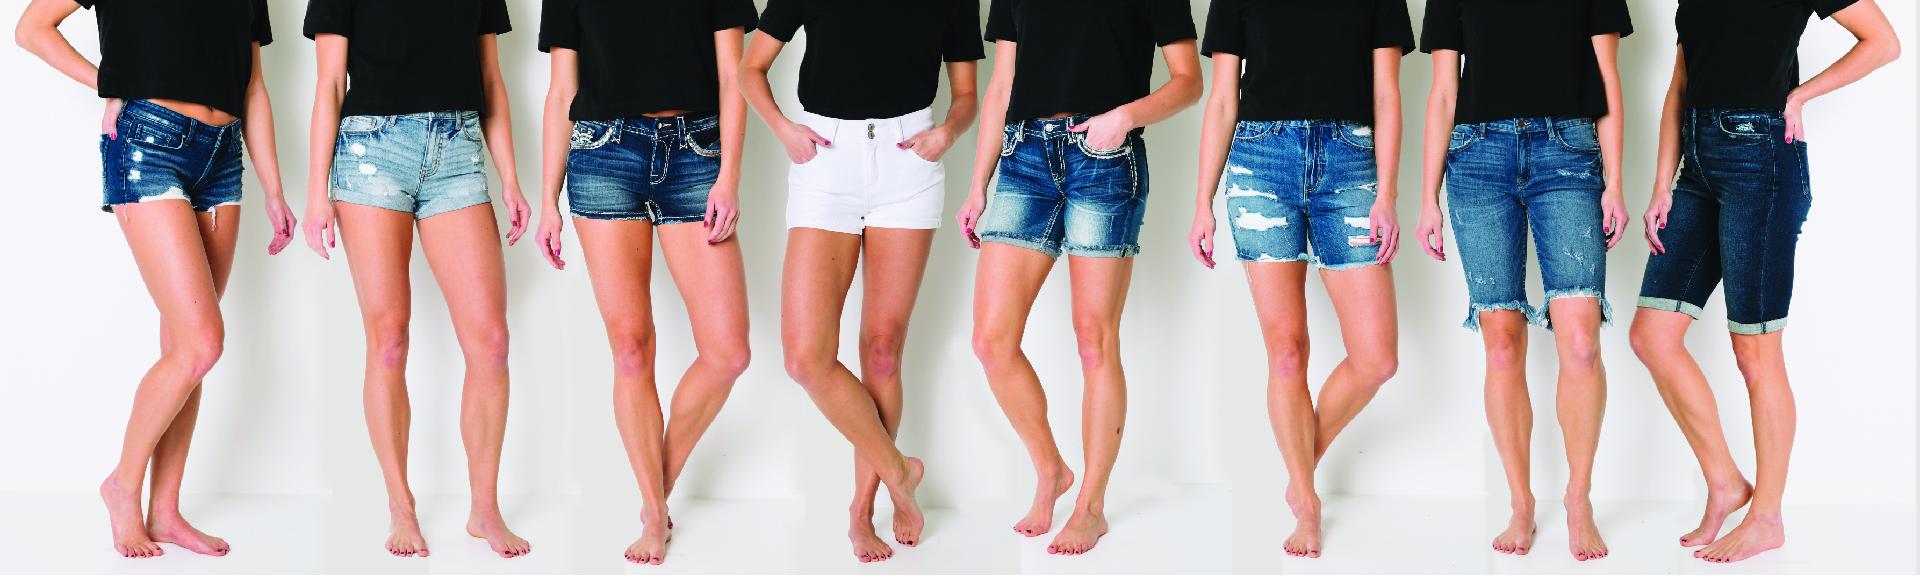 Women's Shorts Guide